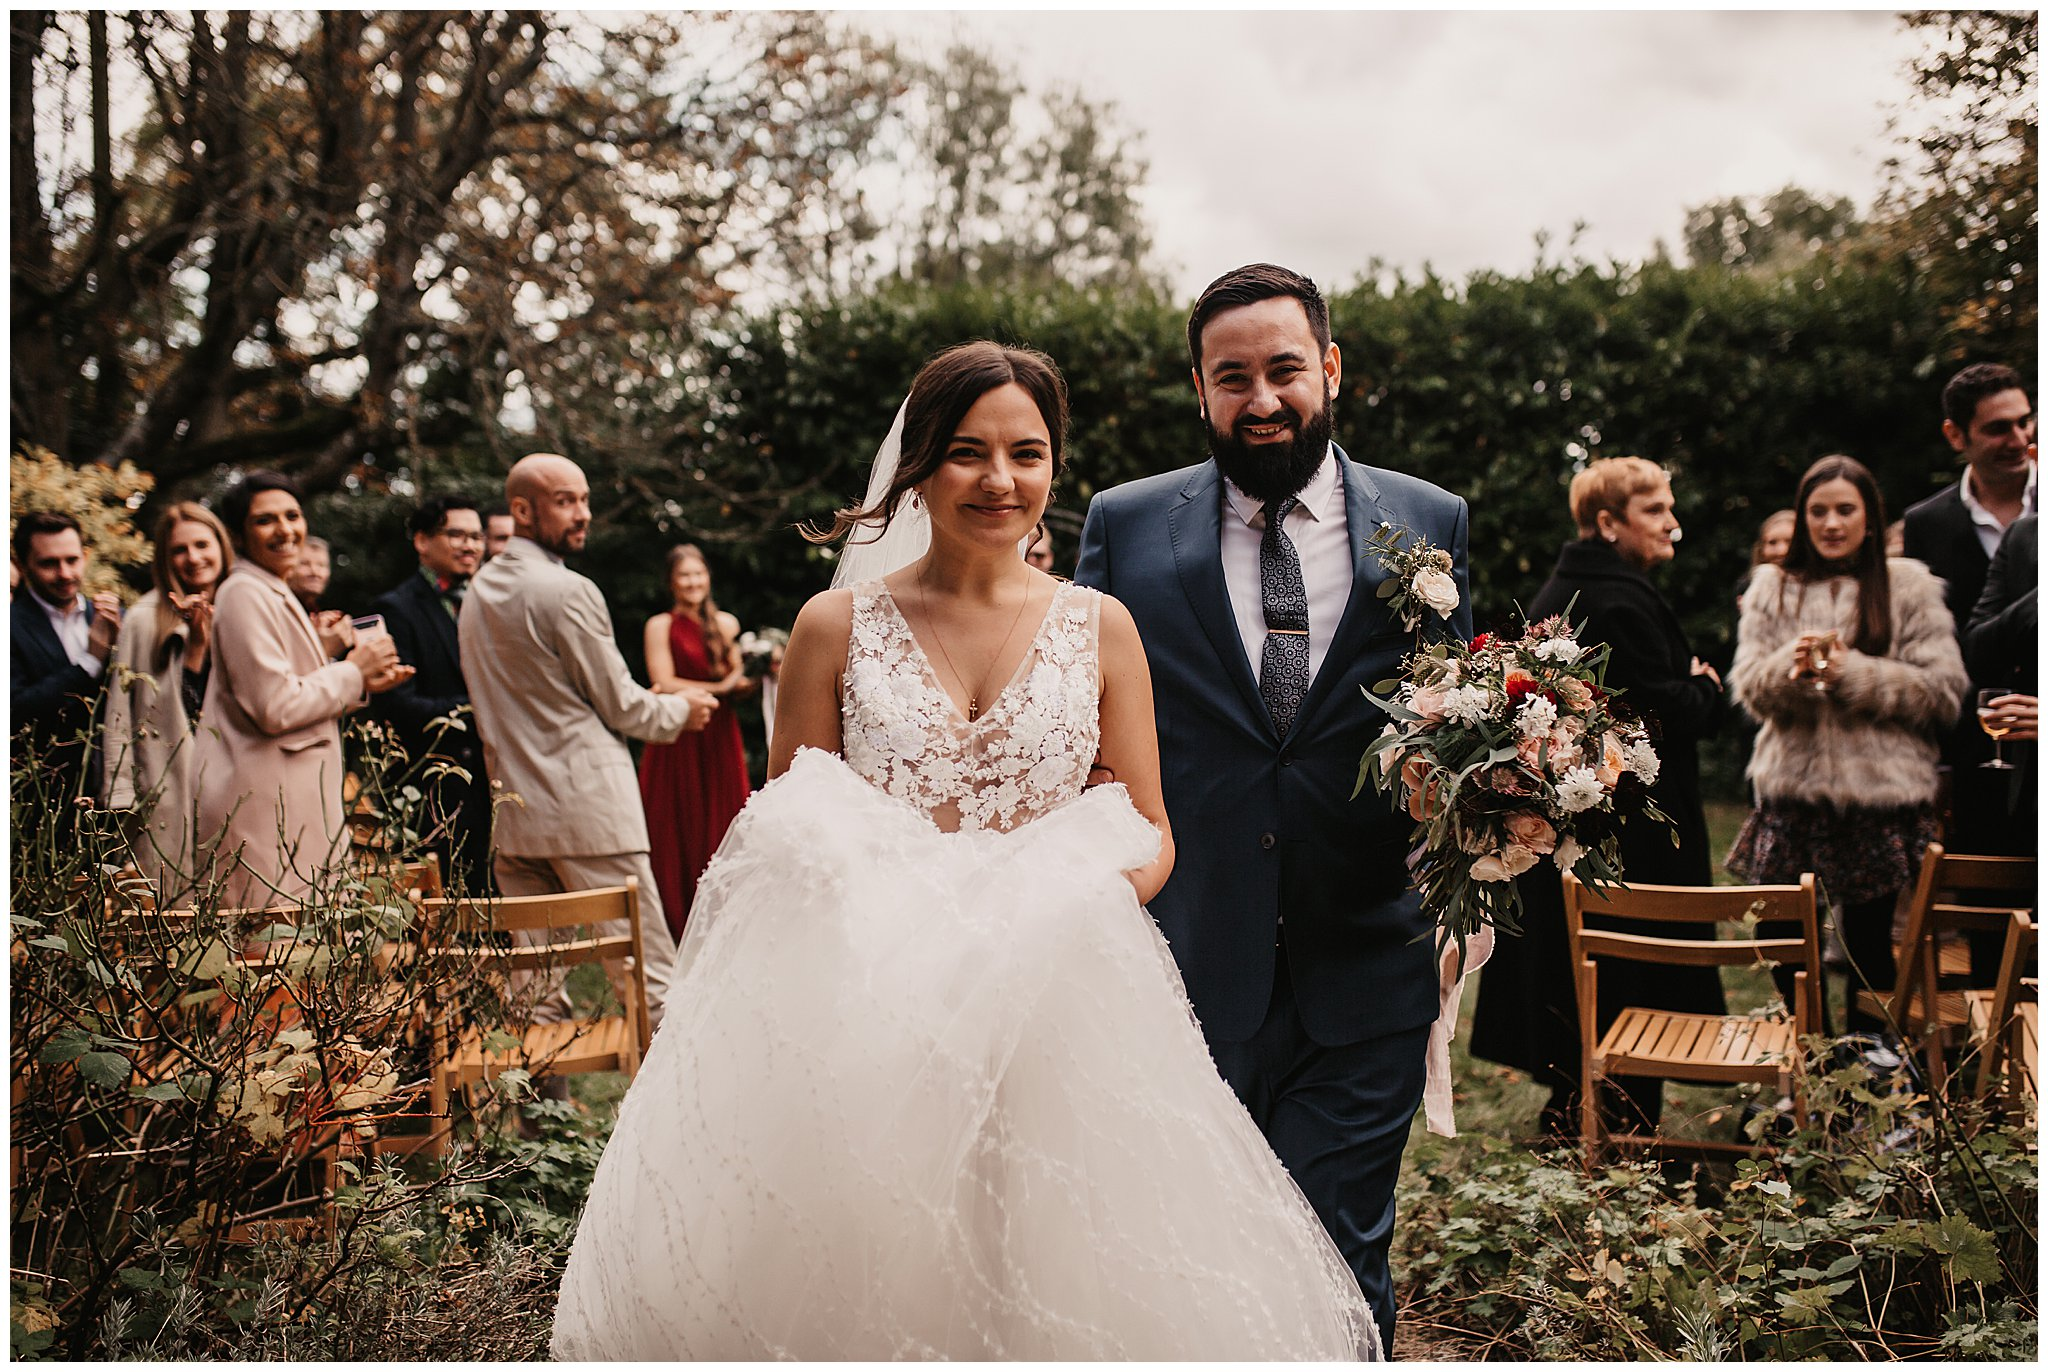 Max & Ksenia Autumnal Wiltshire Wedding-279.jpg